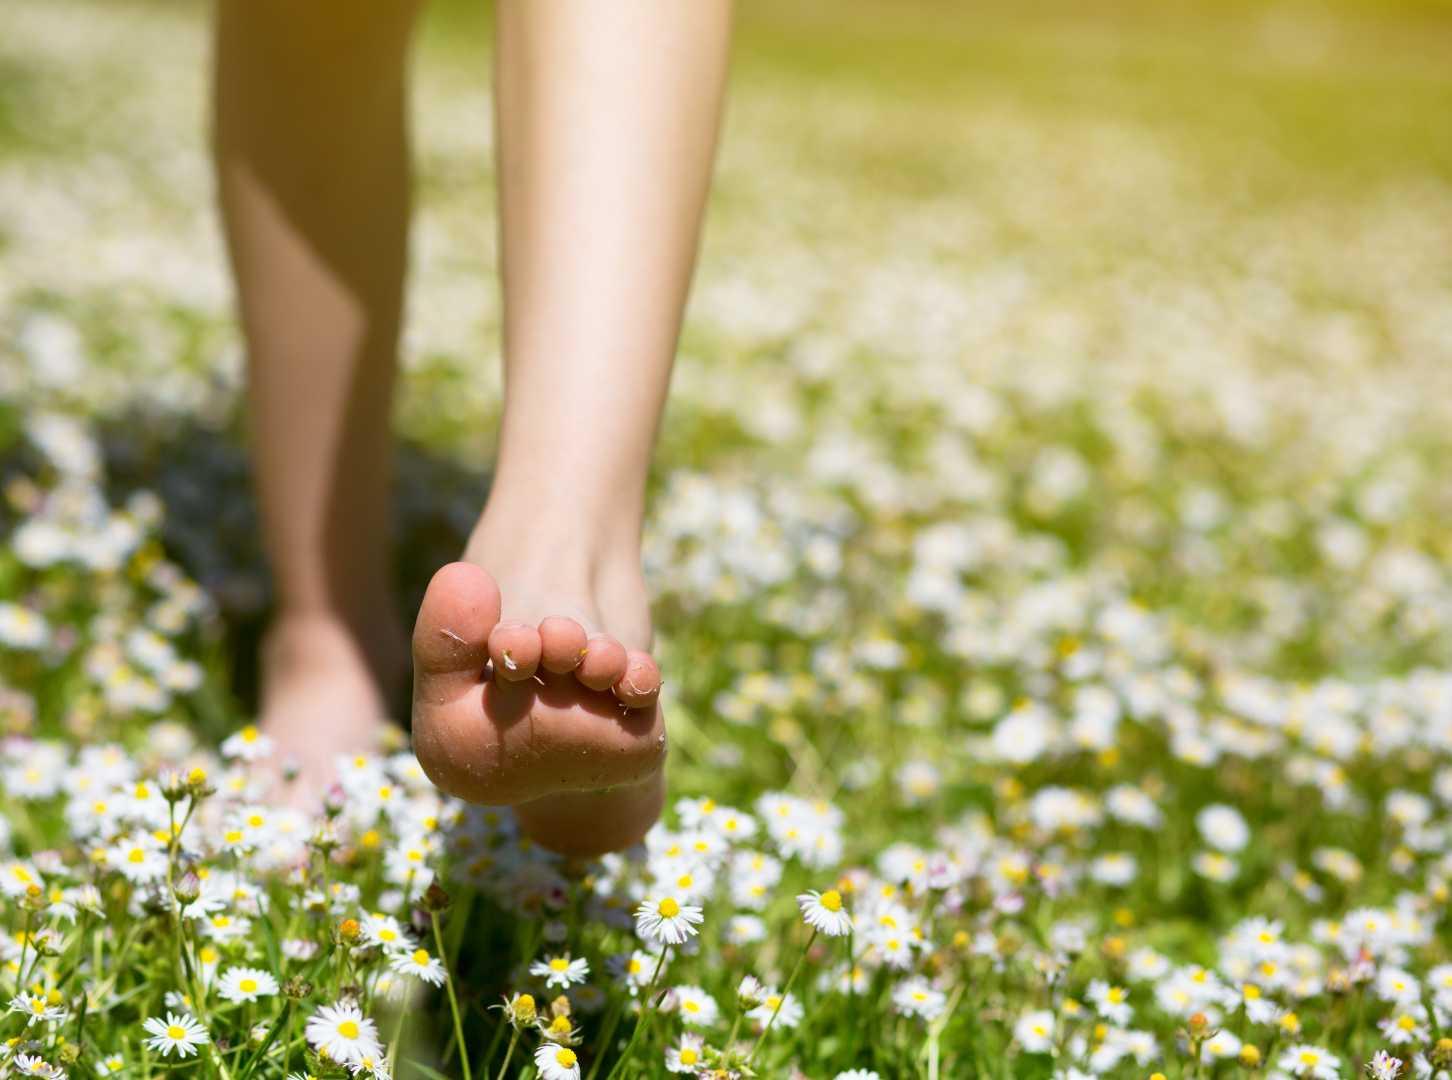 Junge läuft barfuß über Wiese mit Gänseblümchen